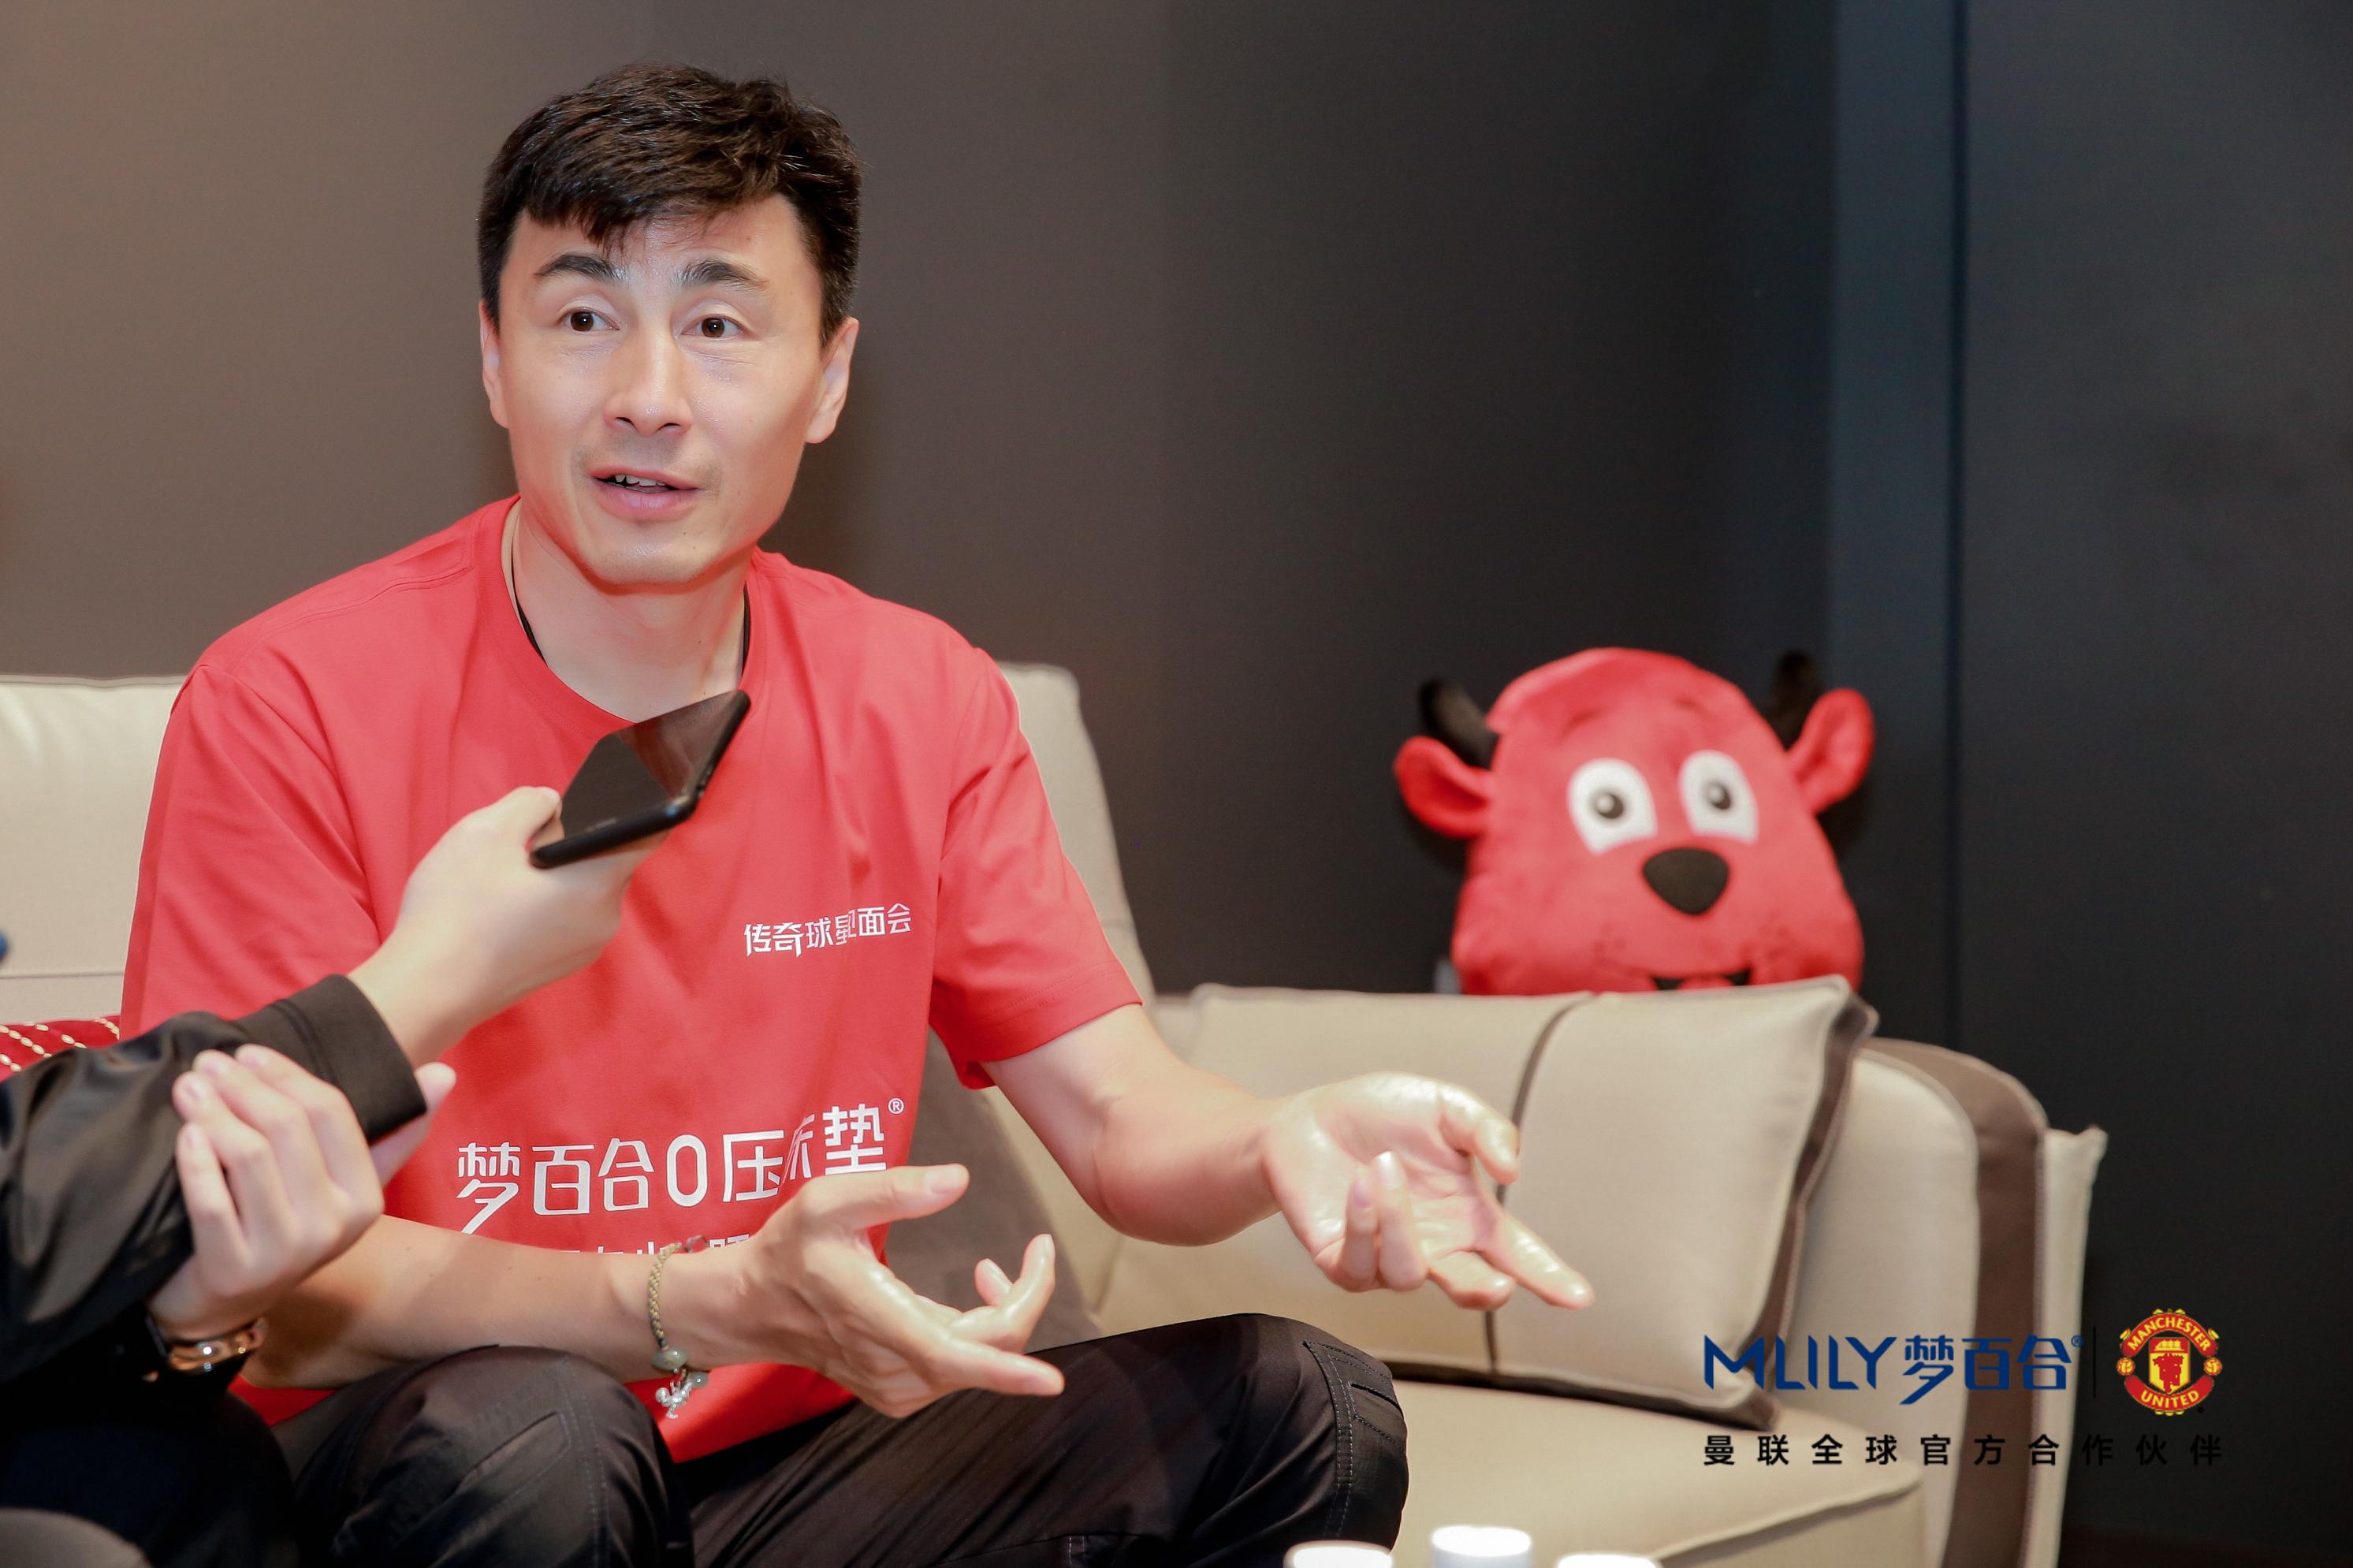 李玮锋:从小就出国踢球能学到很多东西;建议U23政策稍调整